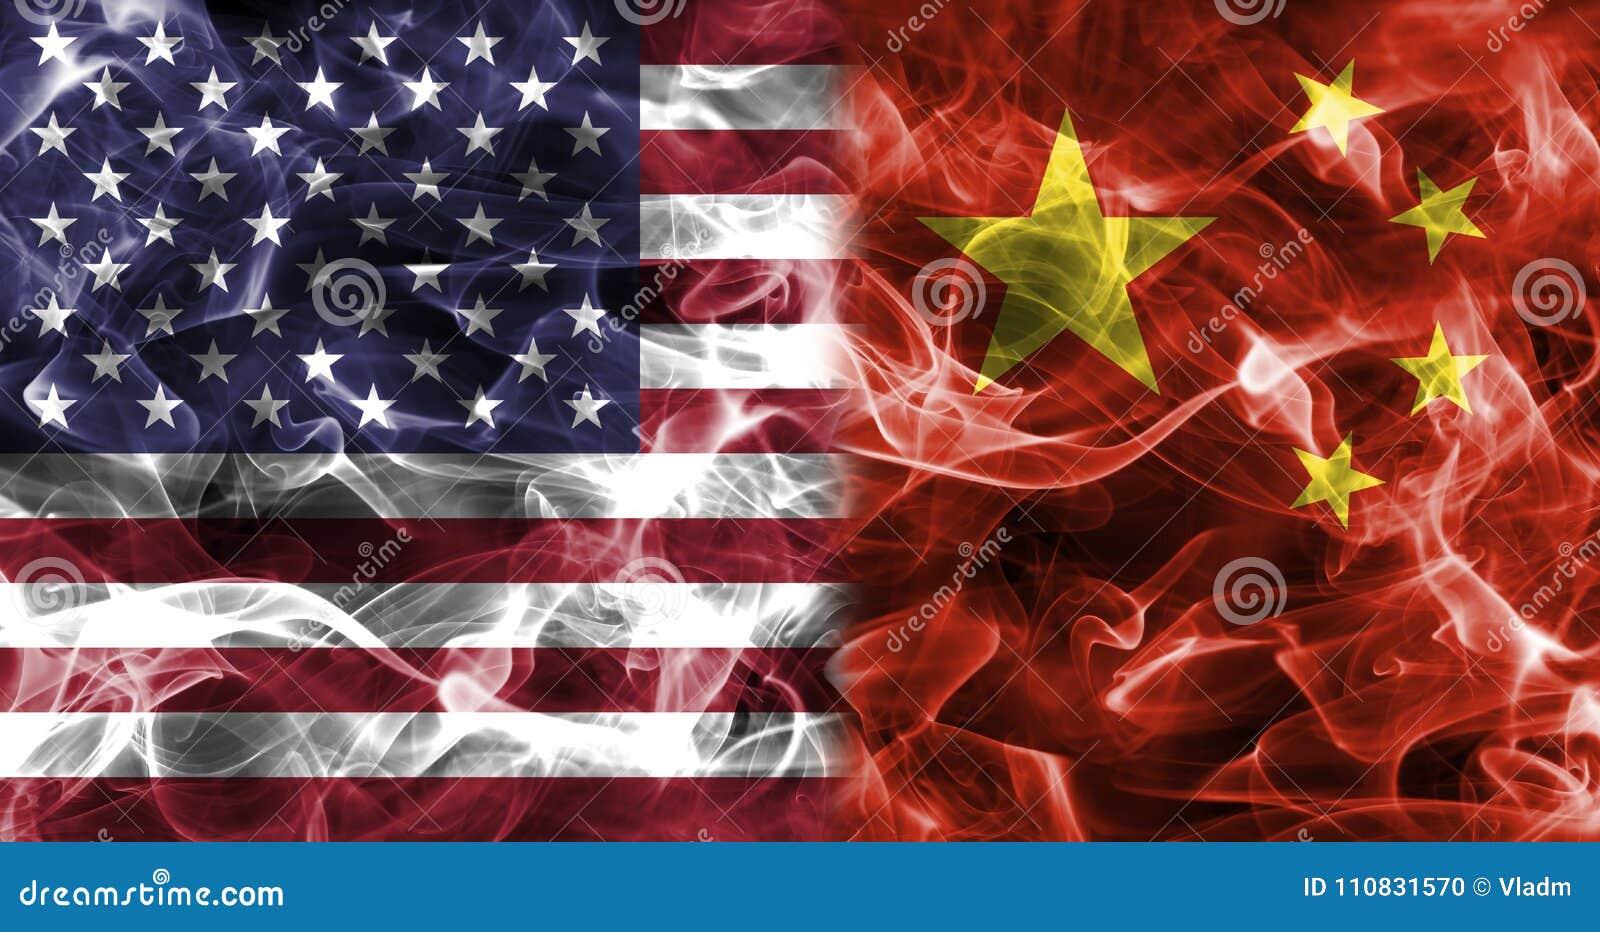 Les Etats-Unis et drapeau de fumée de la Chine